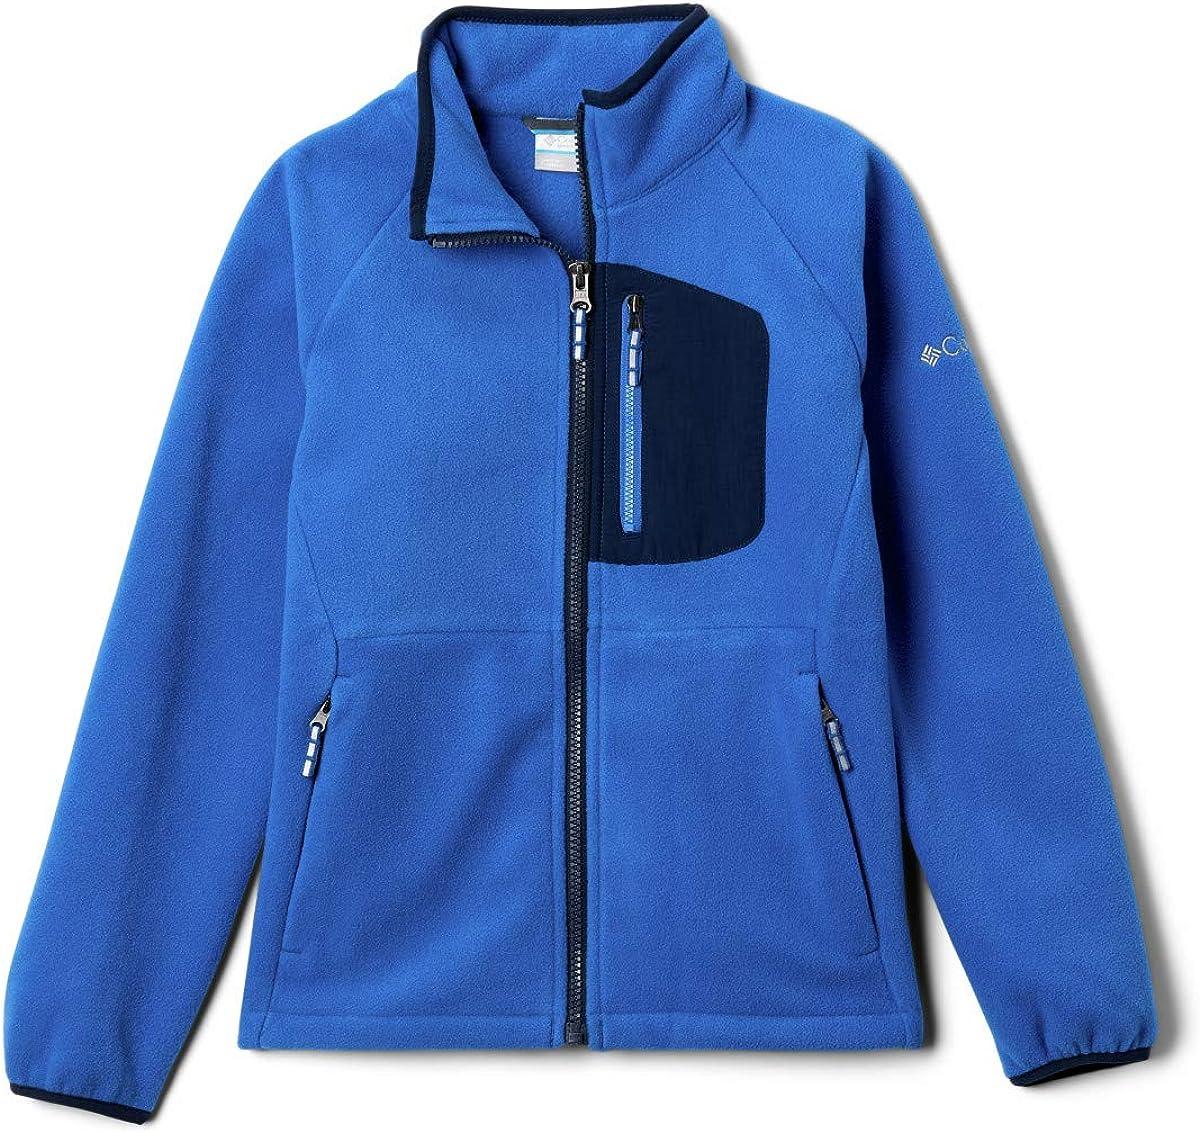 Denver Mall Columbia Kids' Fast Trek Iii Zip Full Jacket Fleece 25% OFF